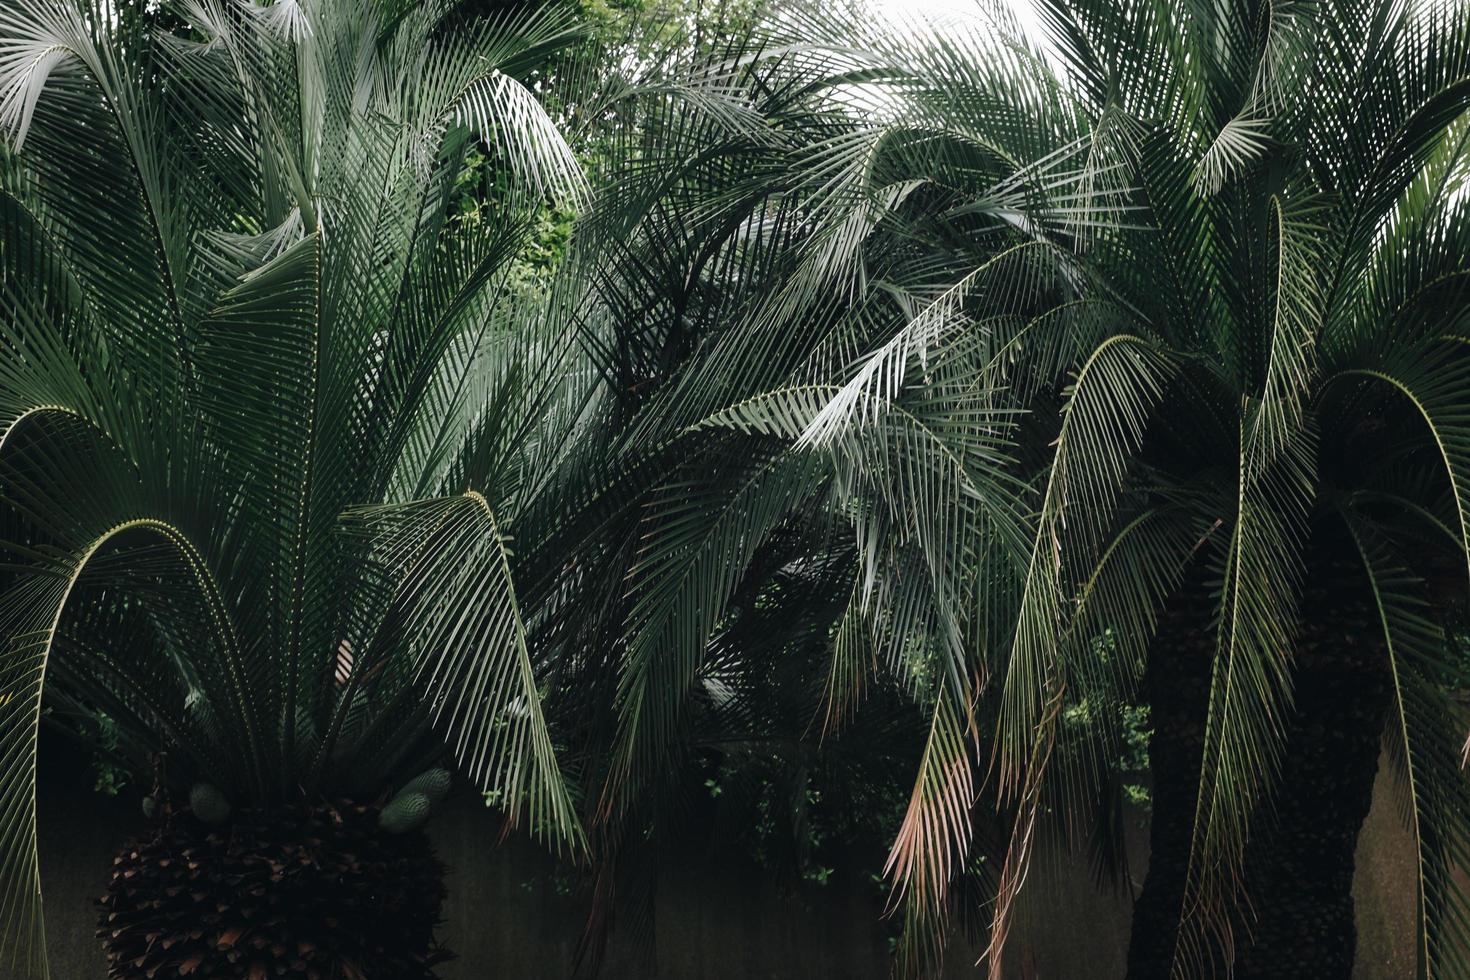 palmier feuille verte photo